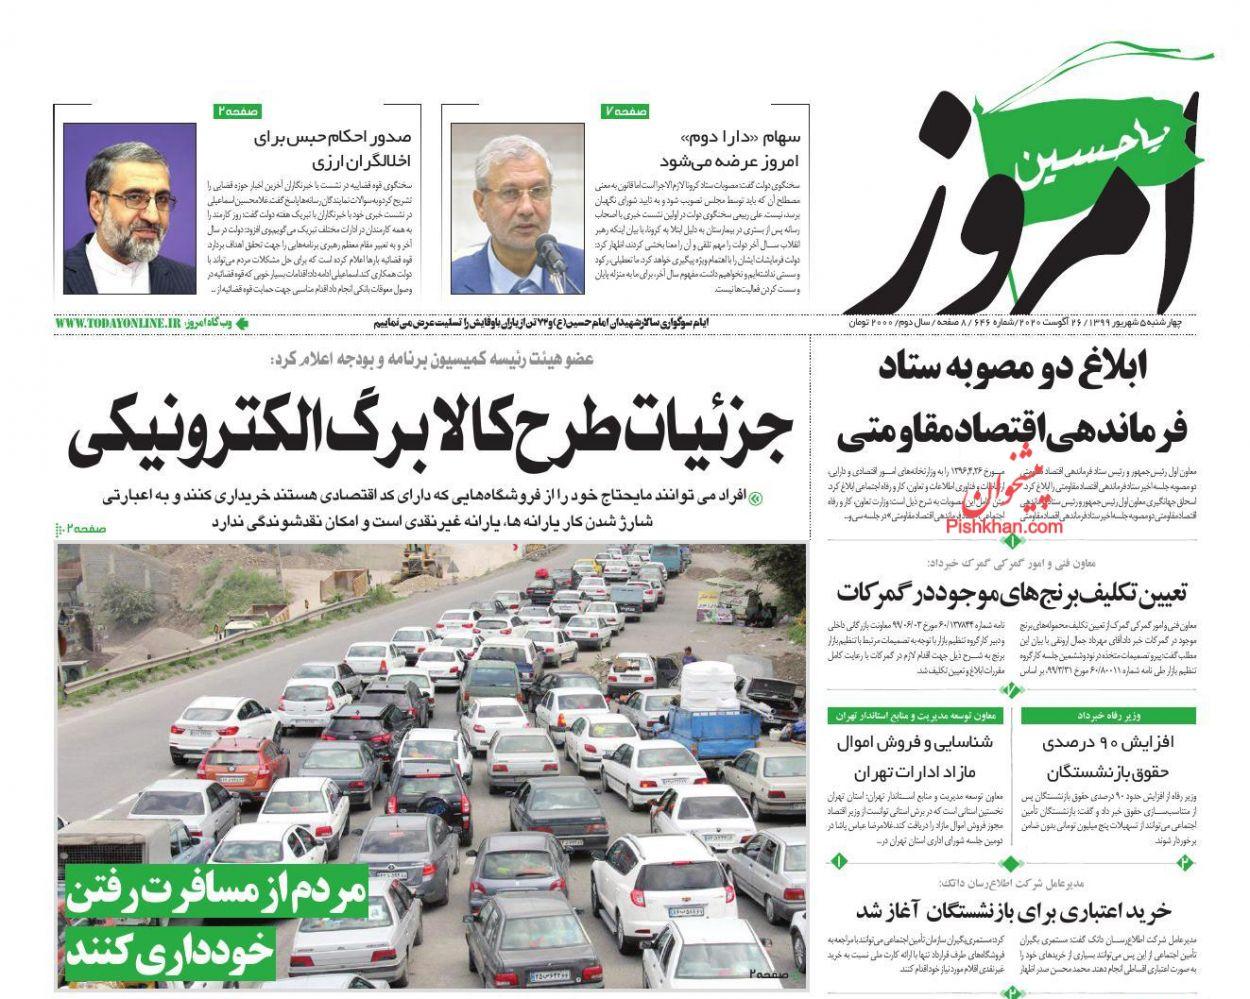 عناوین اخبار روزنامه امروز در روز چهارشنبه ۵ شهریور